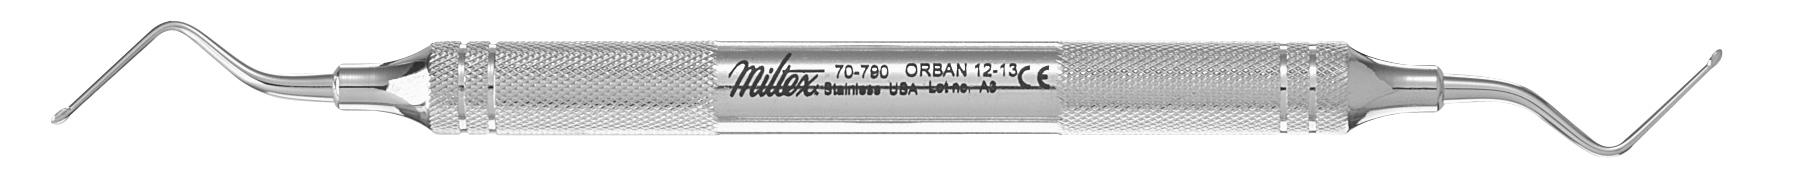 orban-12-13-mesial-distal-6-70-790-miltex.jpg